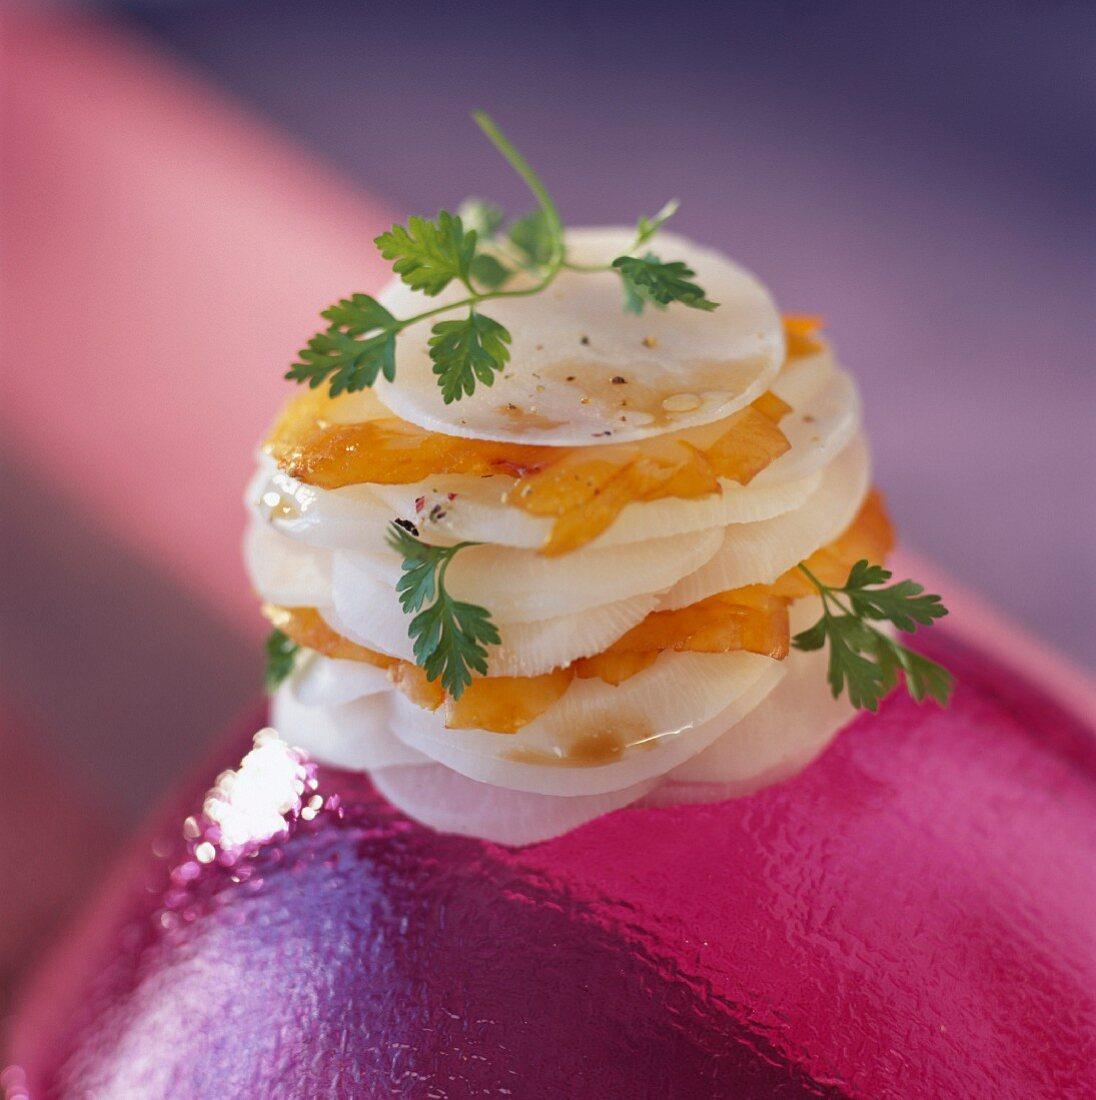 Layered haddock and turnips